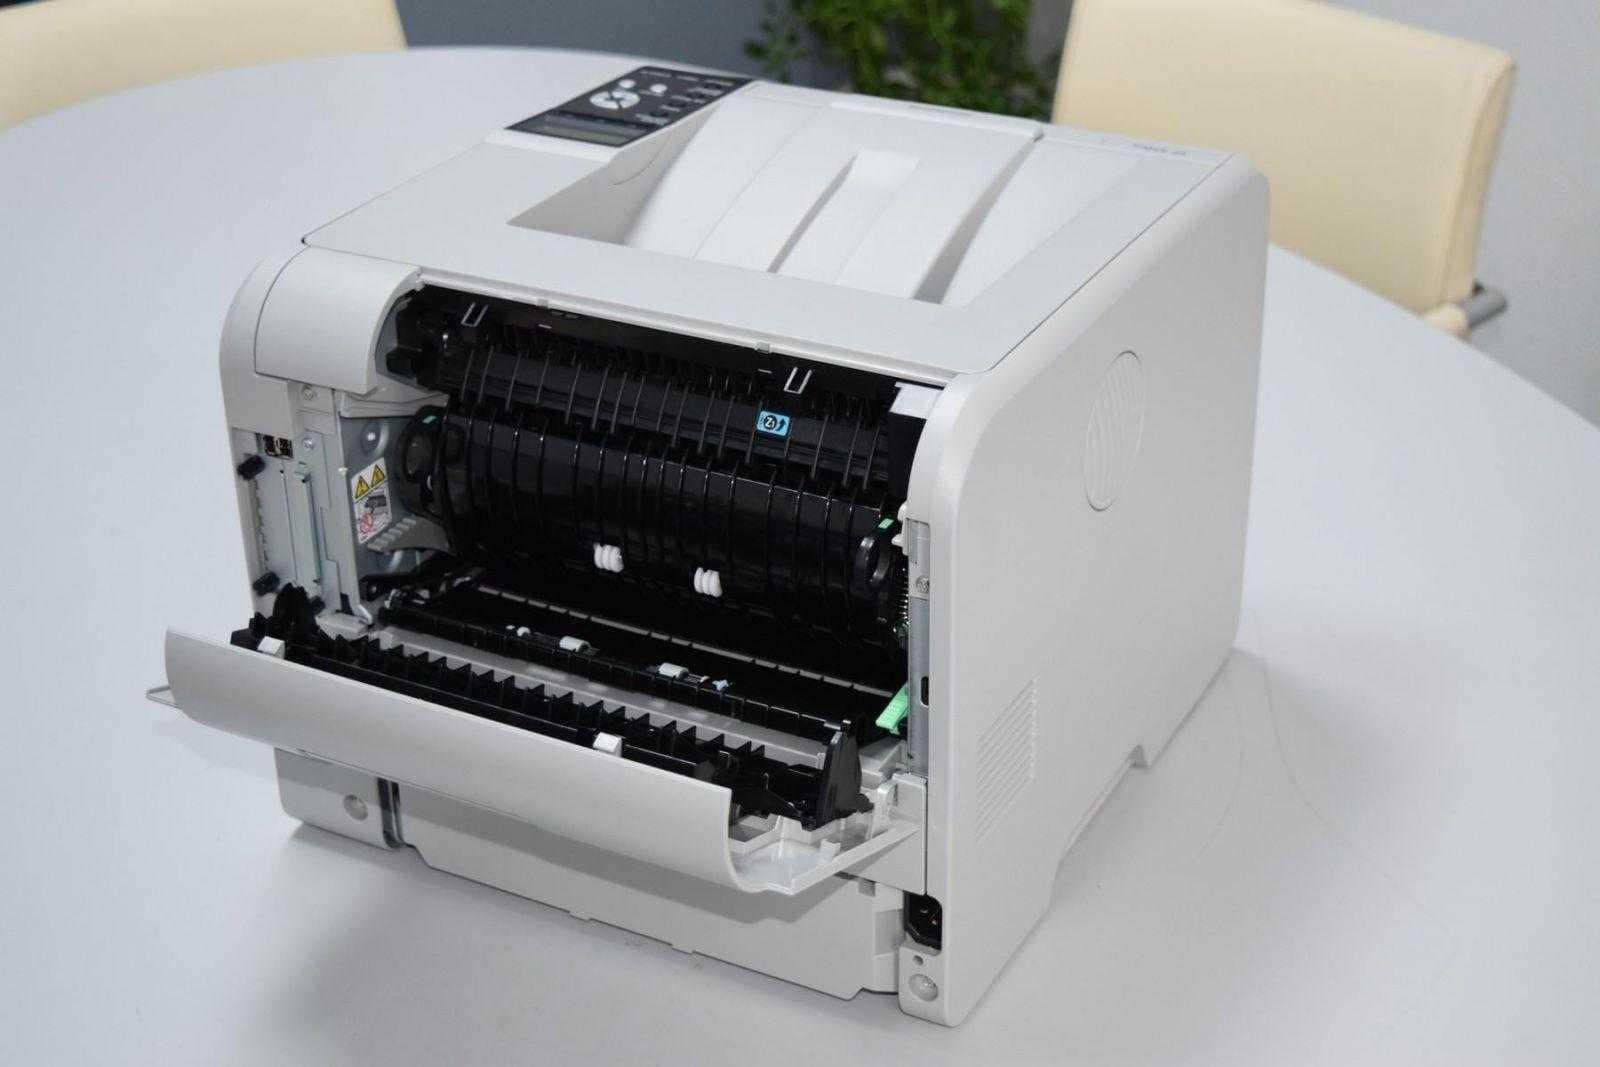 DSC 0759 - Обзор принтера Ricoh SP 450DN. Быстрая печать для офиса